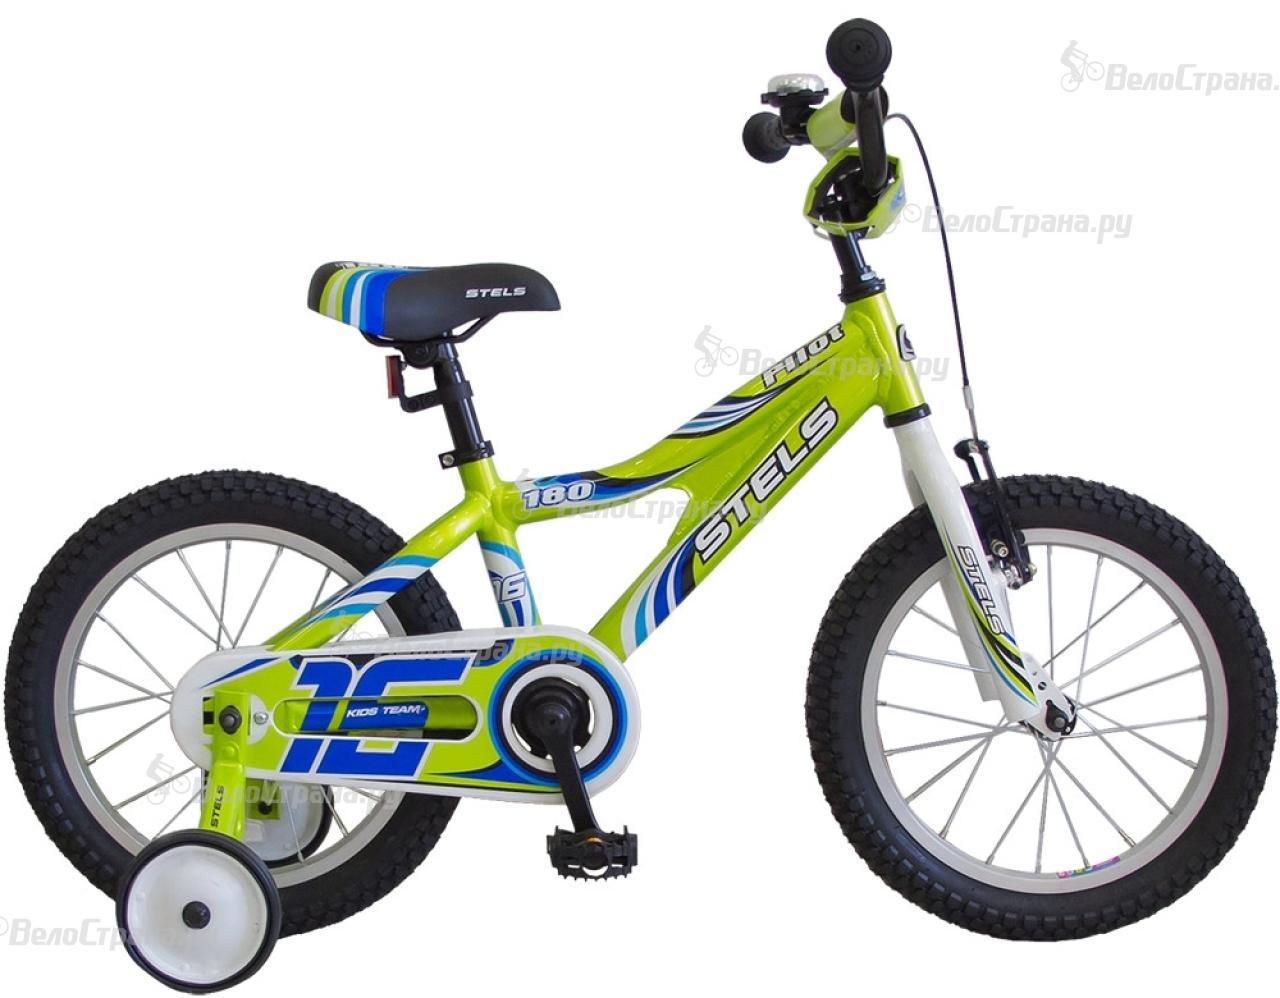 Велосипед Stels Pilot 180 16 (2013) велосипед stels pilot 160 16 2013